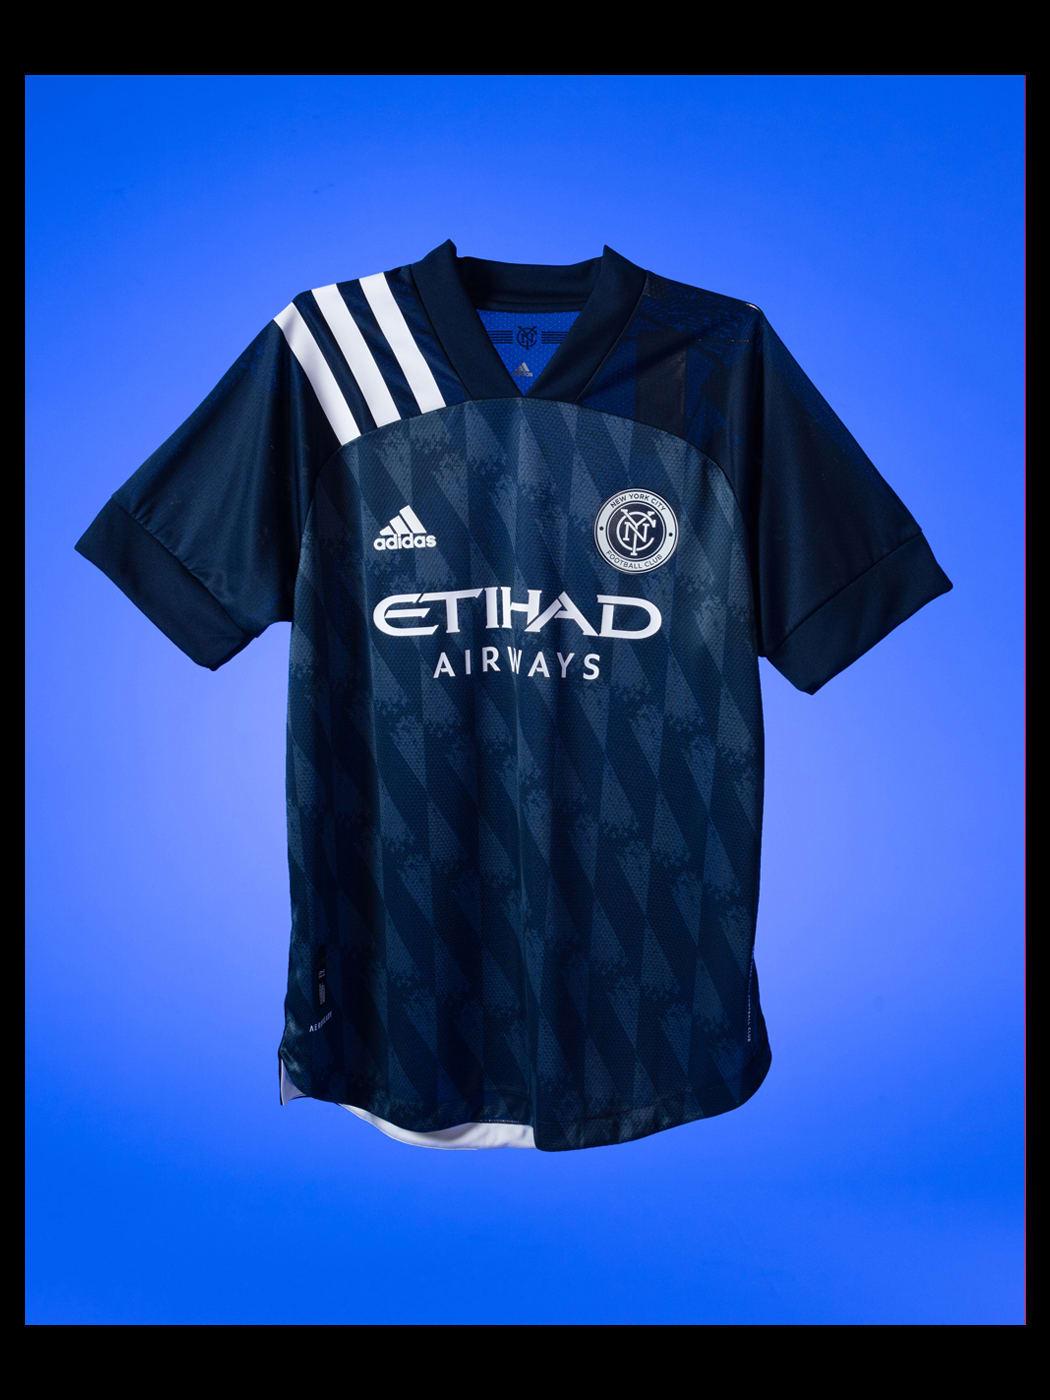 Mls Soccer Jerseys Pro Soccer Apparel Gear Adidas Us